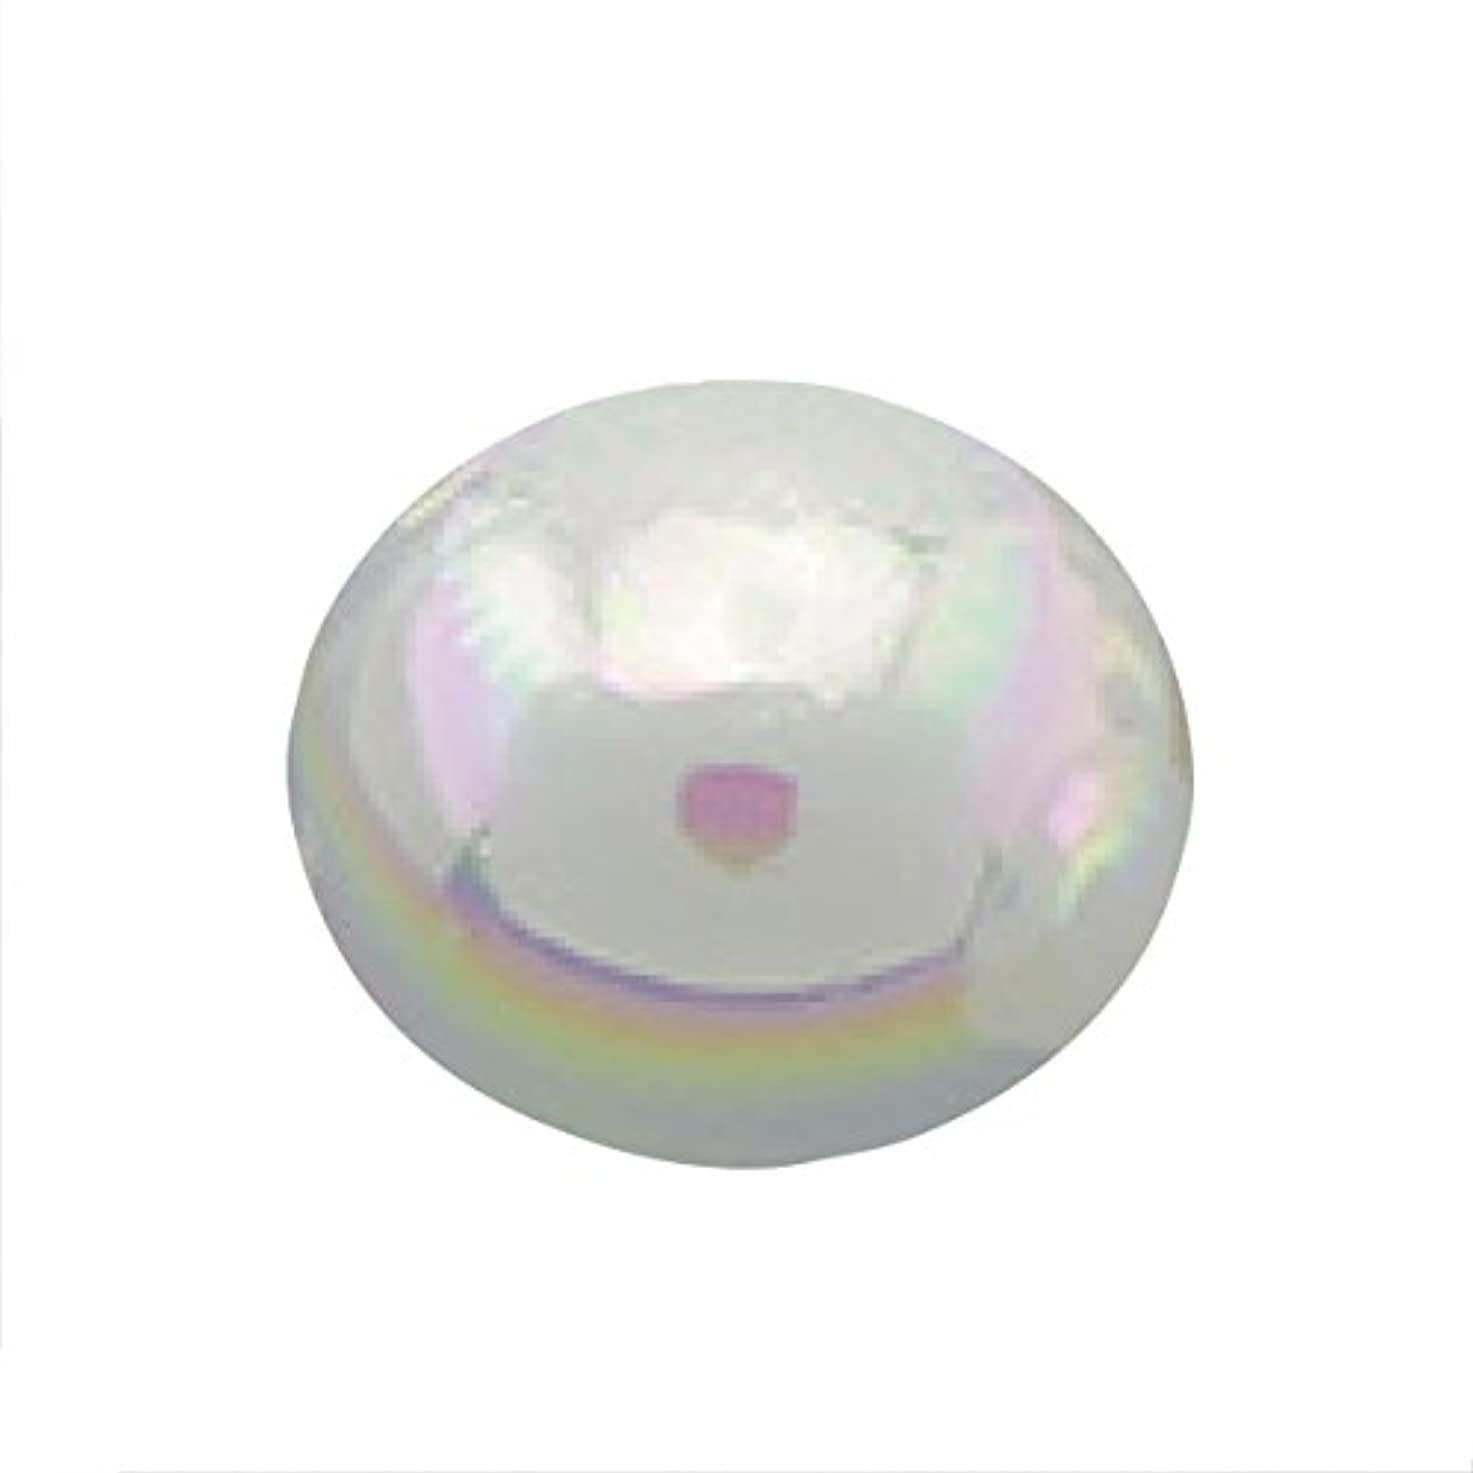 苦しめる強制廃棄するパールオーロラオフホワイト1.5mm(50個入り)